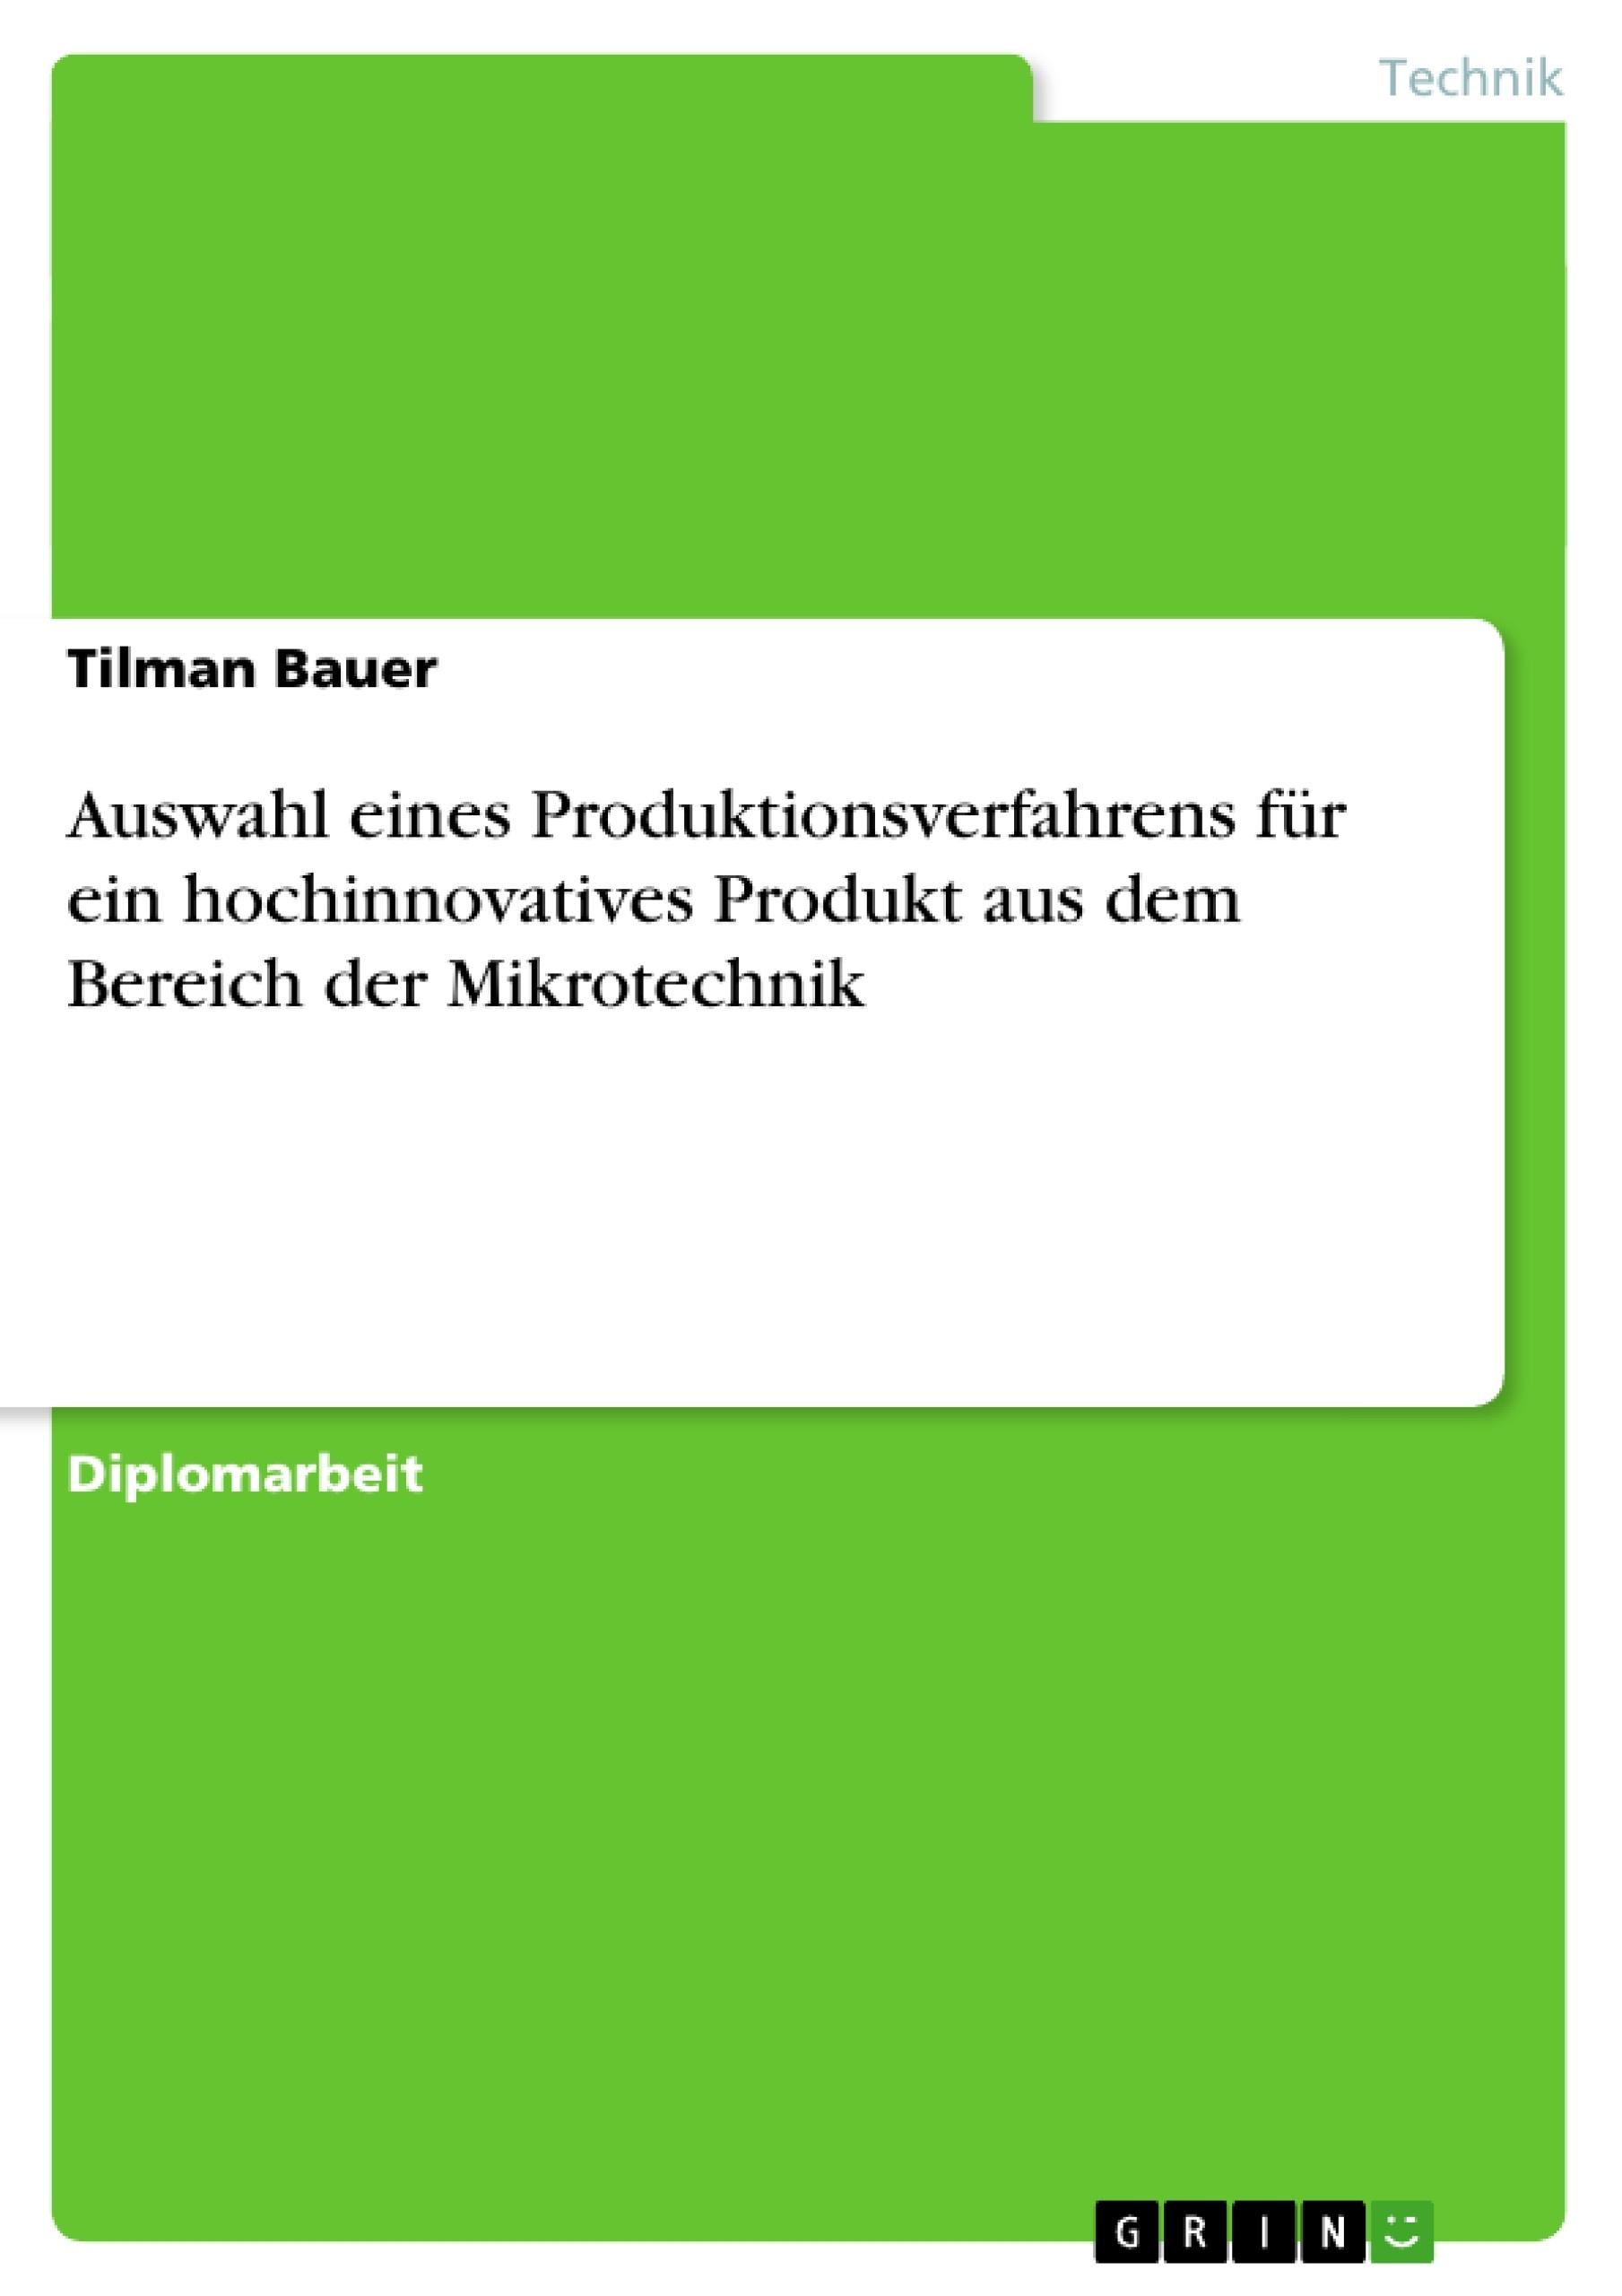 Titel: Auswahl eines Produktionsverfahrens für ein hochinnovatives Produkt aus dem Bereich der Mikrotechnik